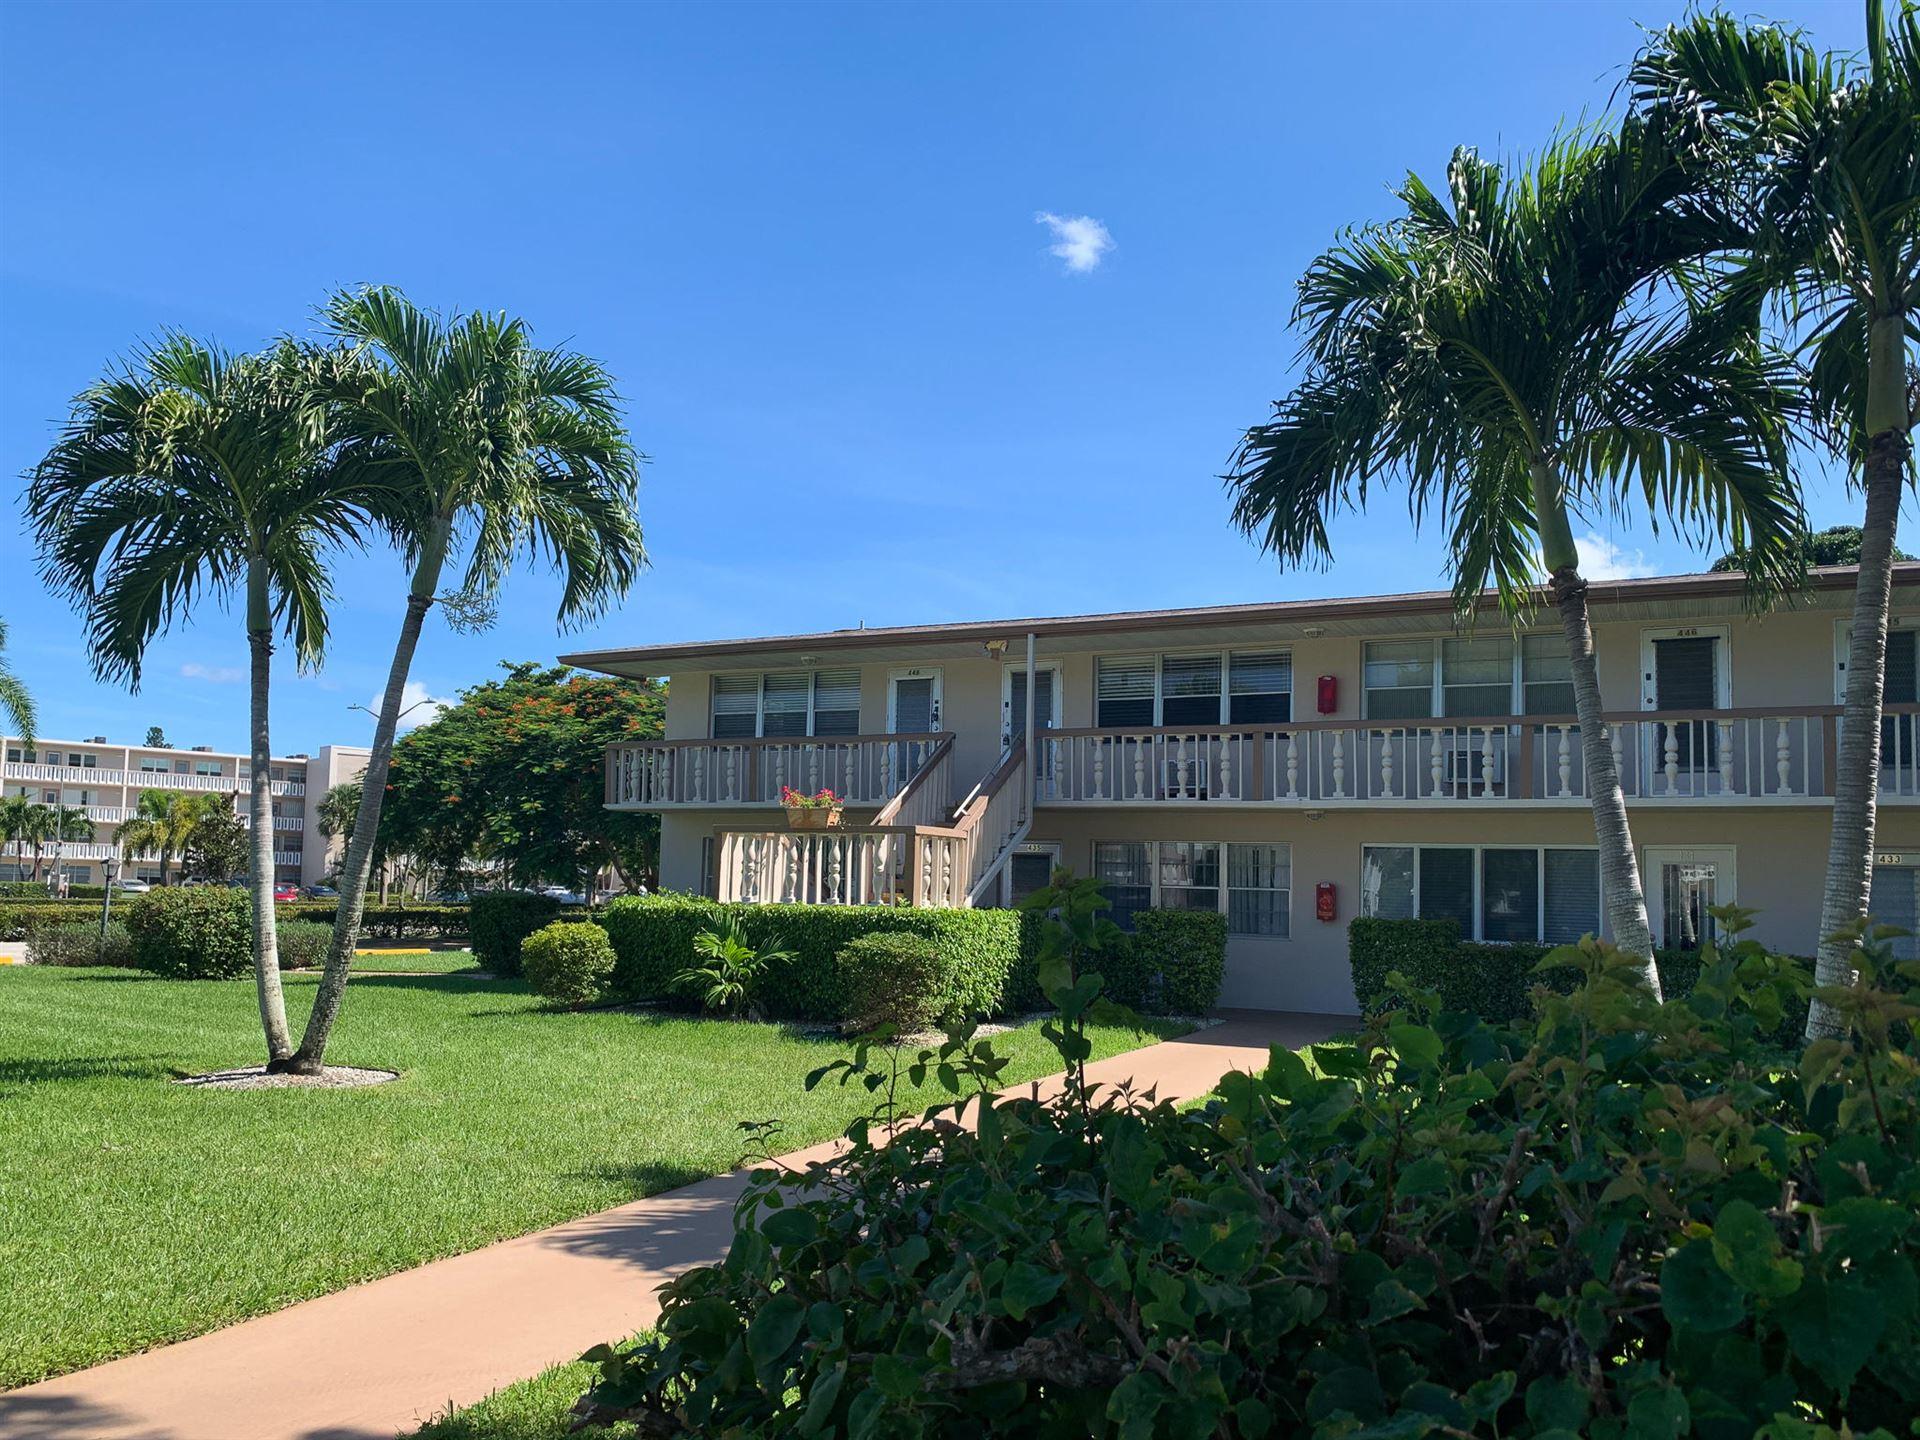 448 Windsor S, West Palm Beach, FL 33417 - #: RX-10655719